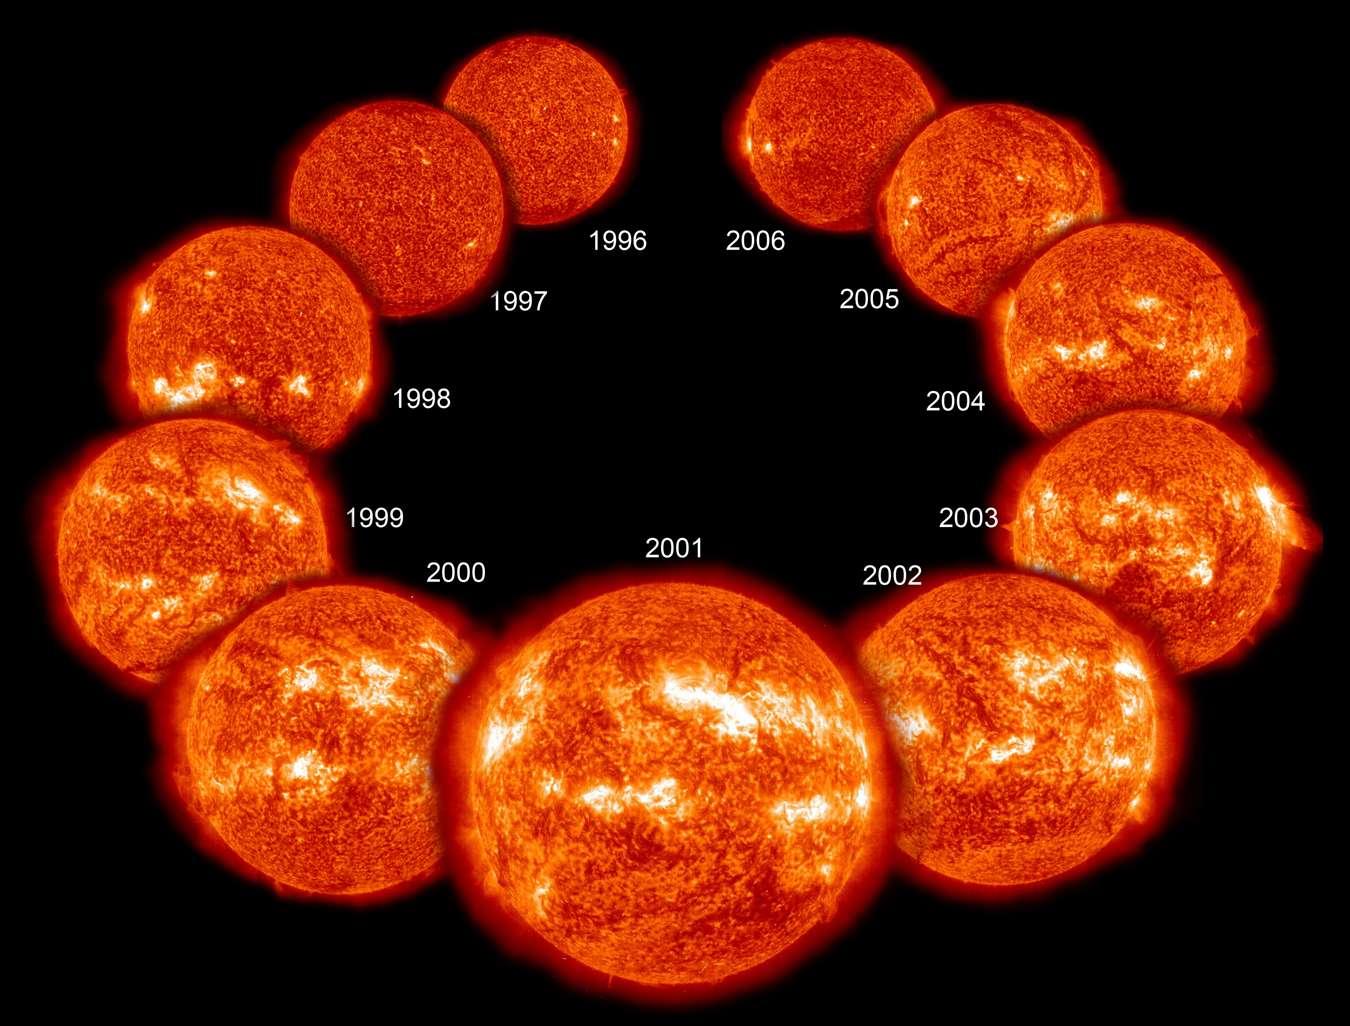 Le 3 mai se déroule la Journée mondiale du Soleil. © Soho